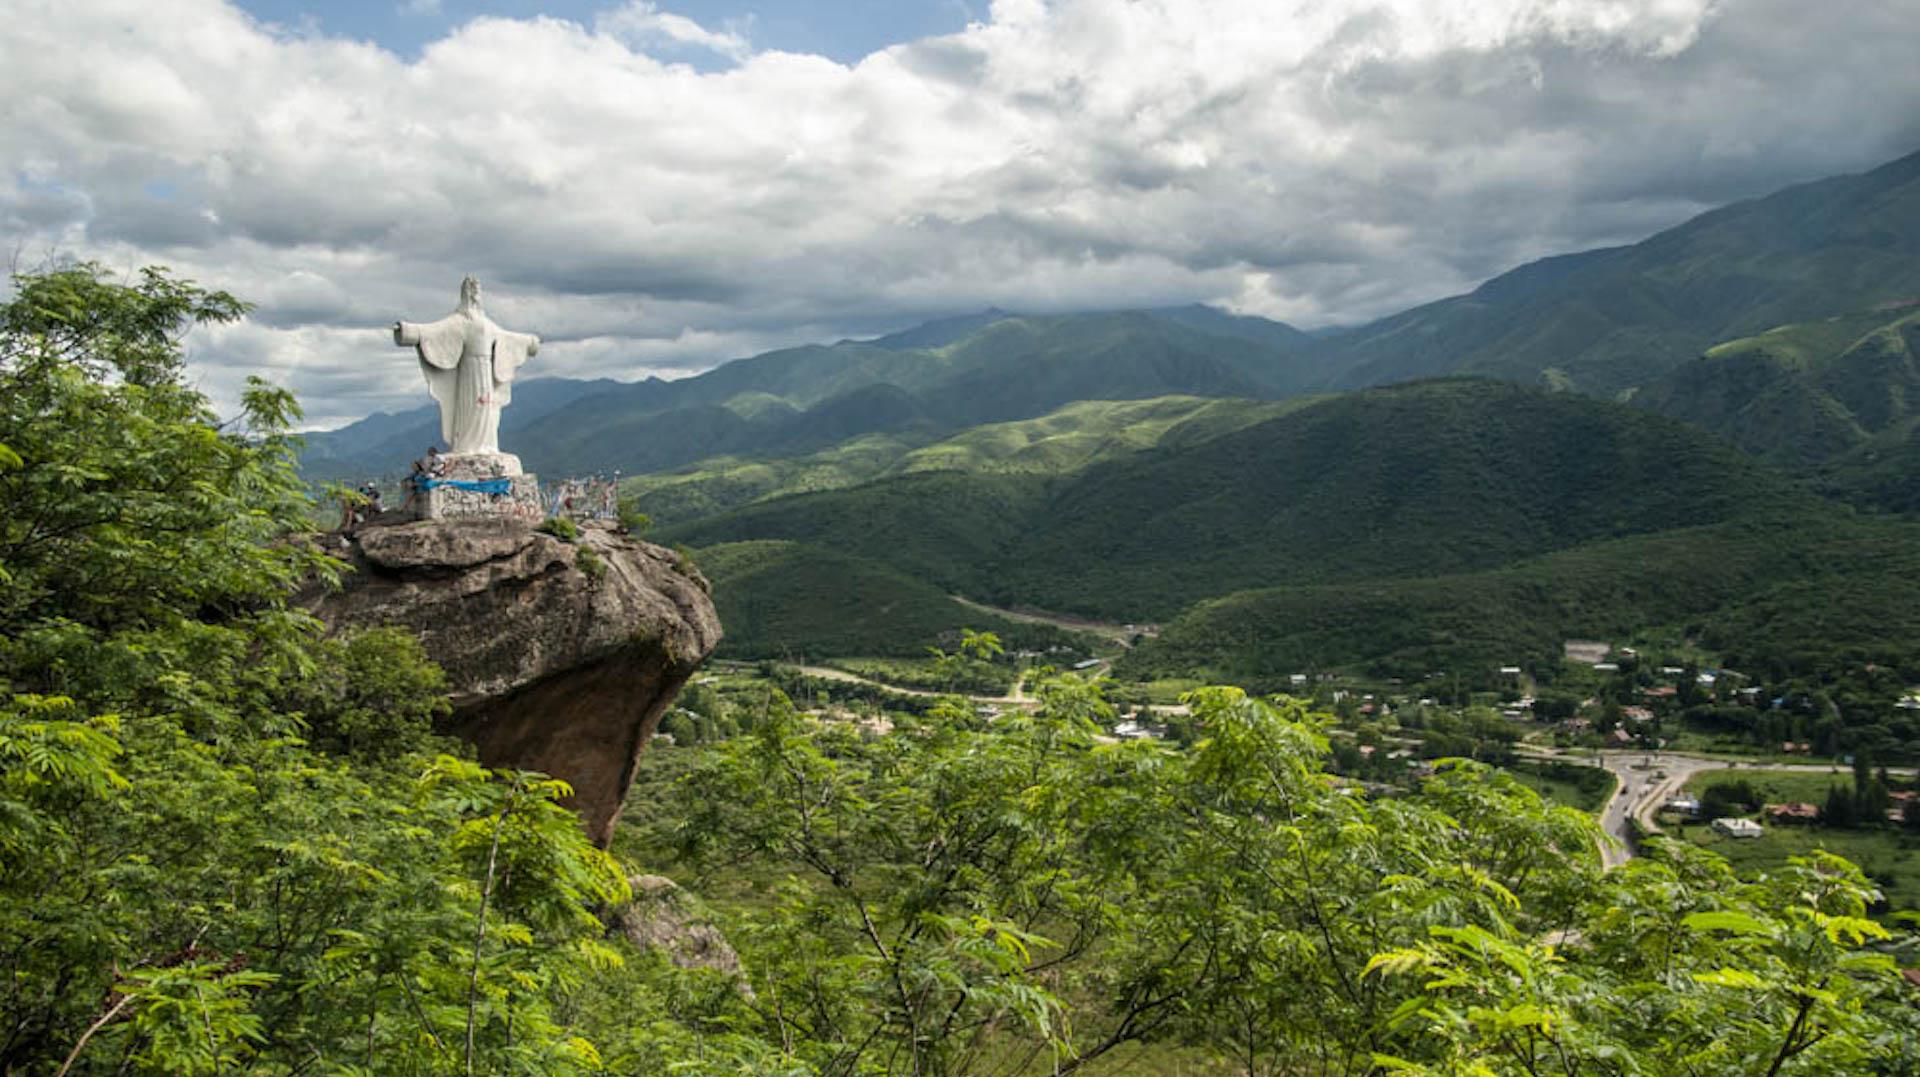 Turismo en Catamarca: así es viajar a la ruta de los valles y del poncho